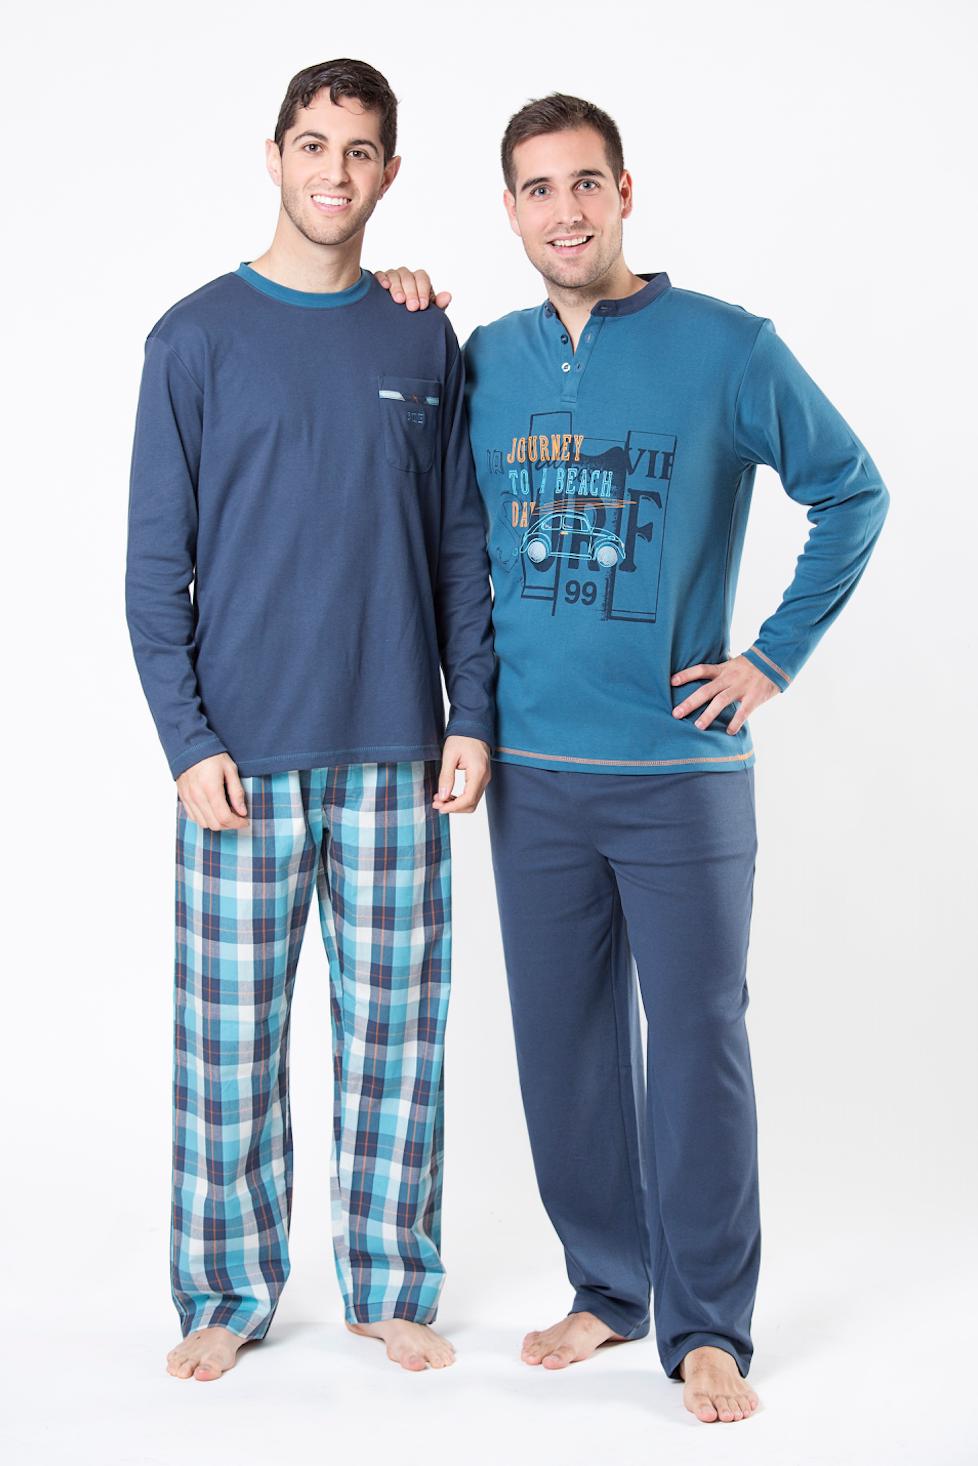 bbe8138804 pijama hombre chico caballero men ropa noche moda fashion pijama hombre  chico caballero men ropa noche pijama Cue hombre caballero chico diseño moda  ropa ...